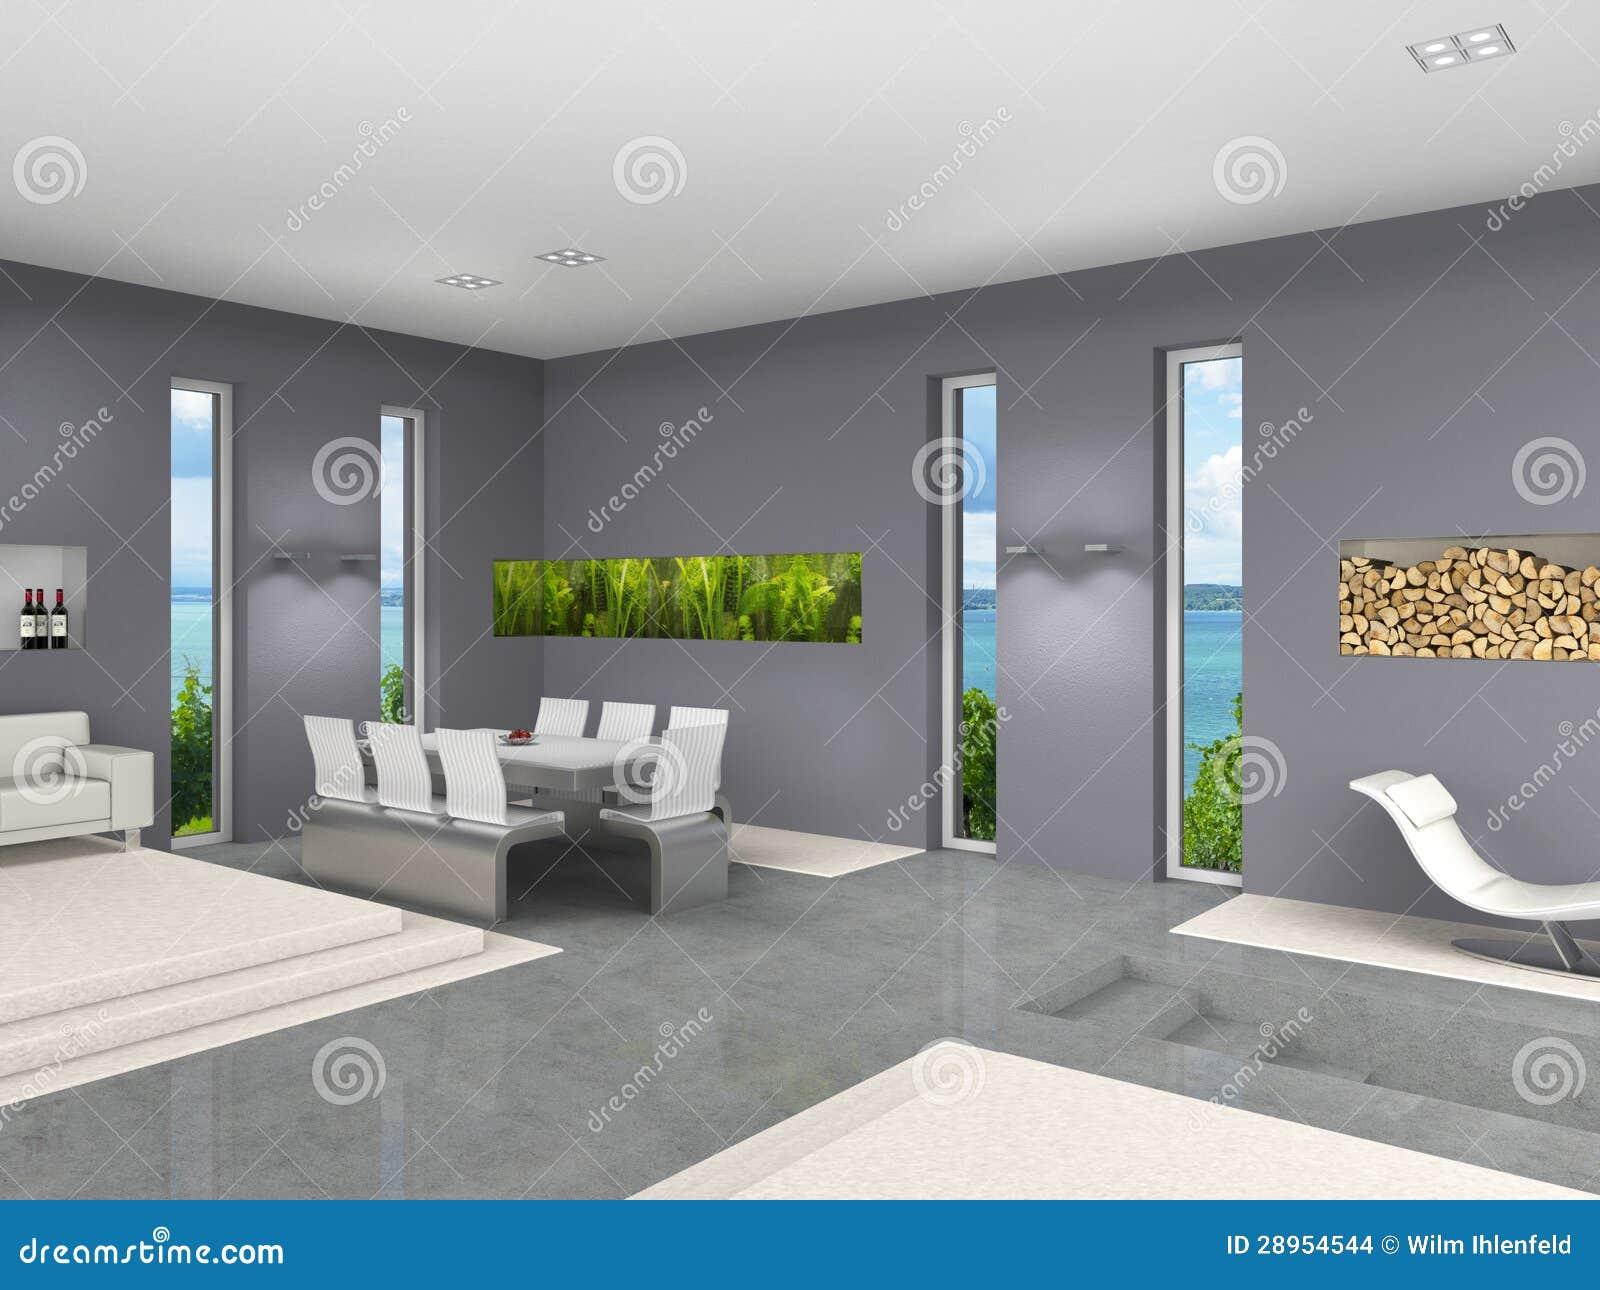 Entzuckend Wohnzimmer Mit Aquarium